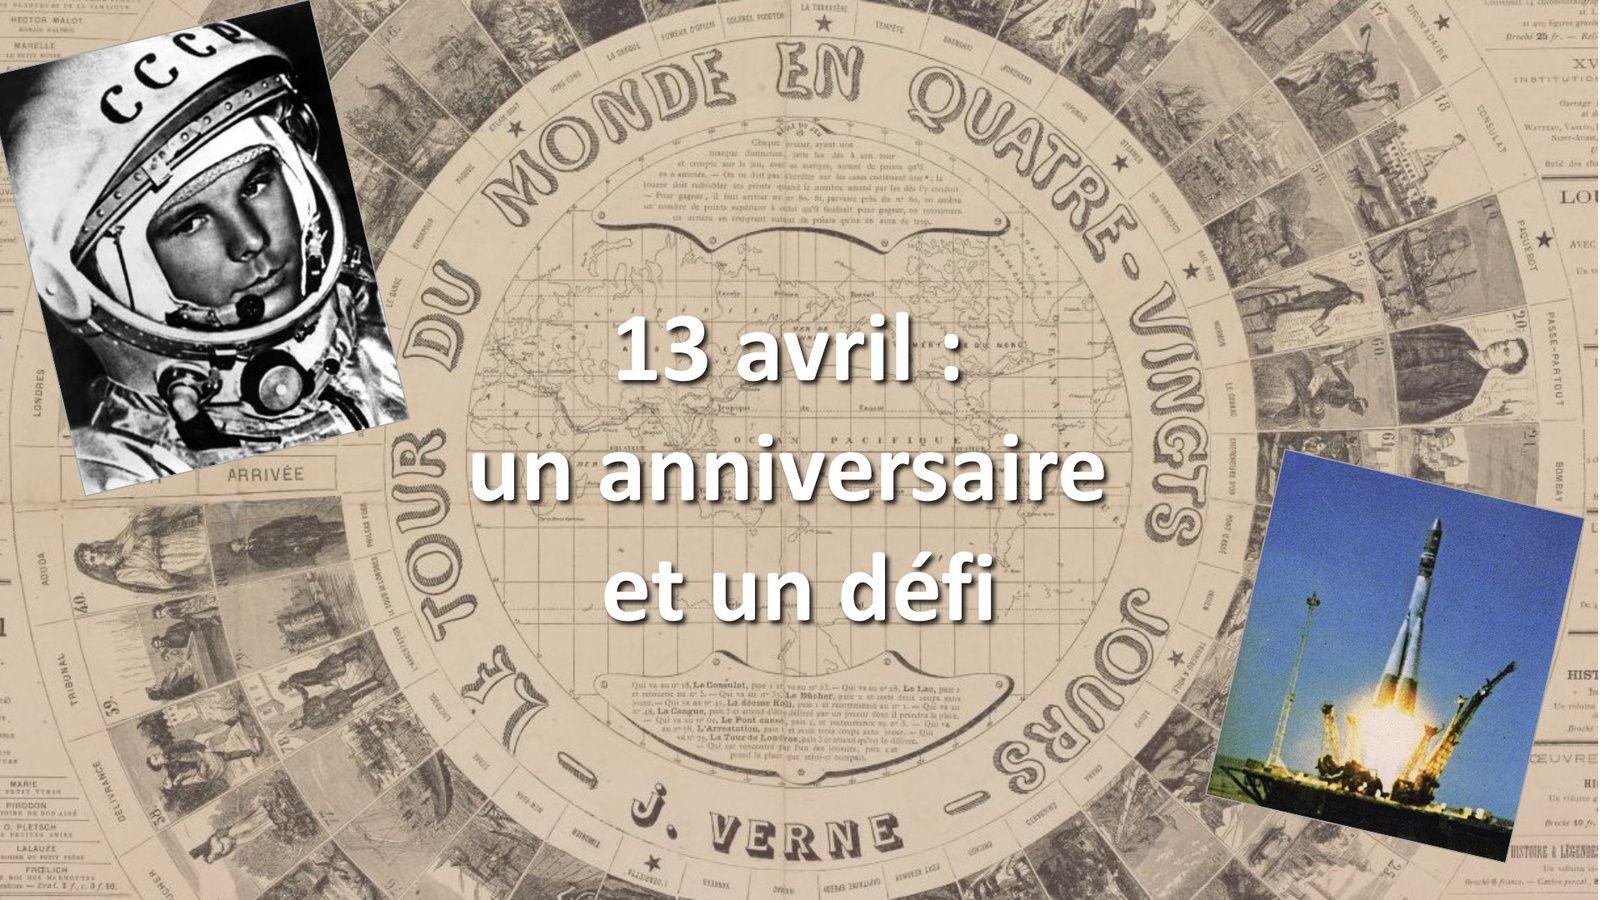 Tour du monde en 80 jours - en quatre vingt minutes - Jules Verne - Gagarine - Jean-Jacques Favier - 13 avril - Anniversaire